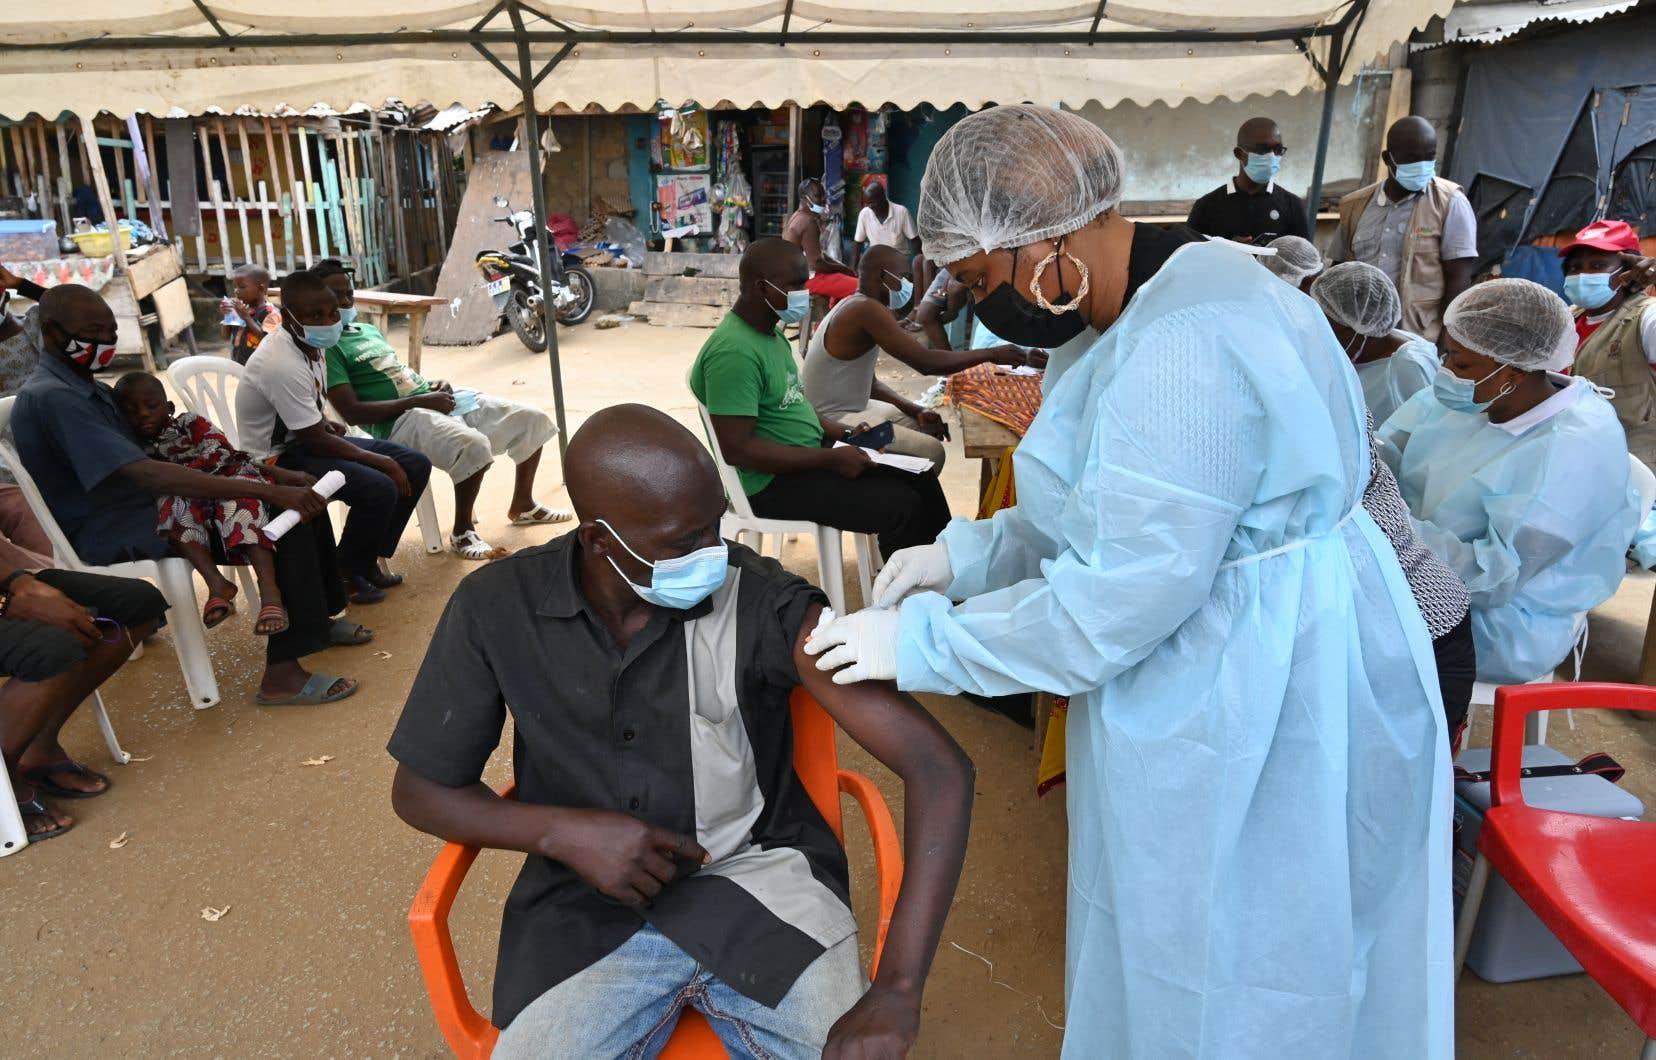 La Guinée, assistée de l'OMS, a livré à son voisin 5000 doses de vaccin anti-Ebola deux jours après l'annonce, le 14août, de la détection du virus sur la jeune femme infectée, et les vaccinations ont débuté lundi en Côte d'Ivoire.